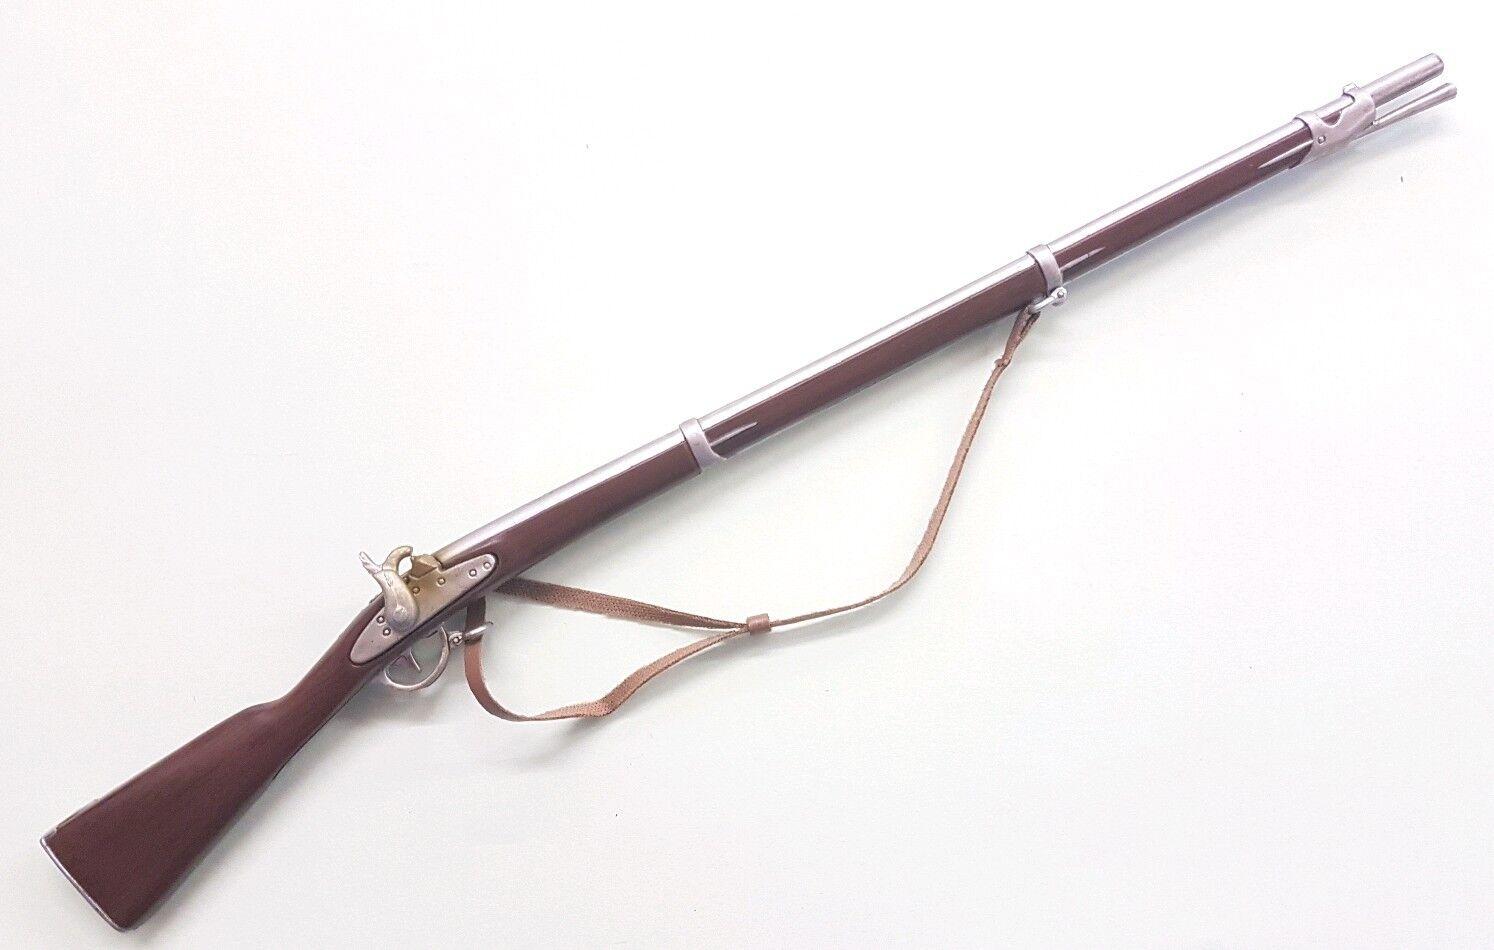 1   6 operierenden piraten der karibik 1861 us - spingfield gewehr waffe.